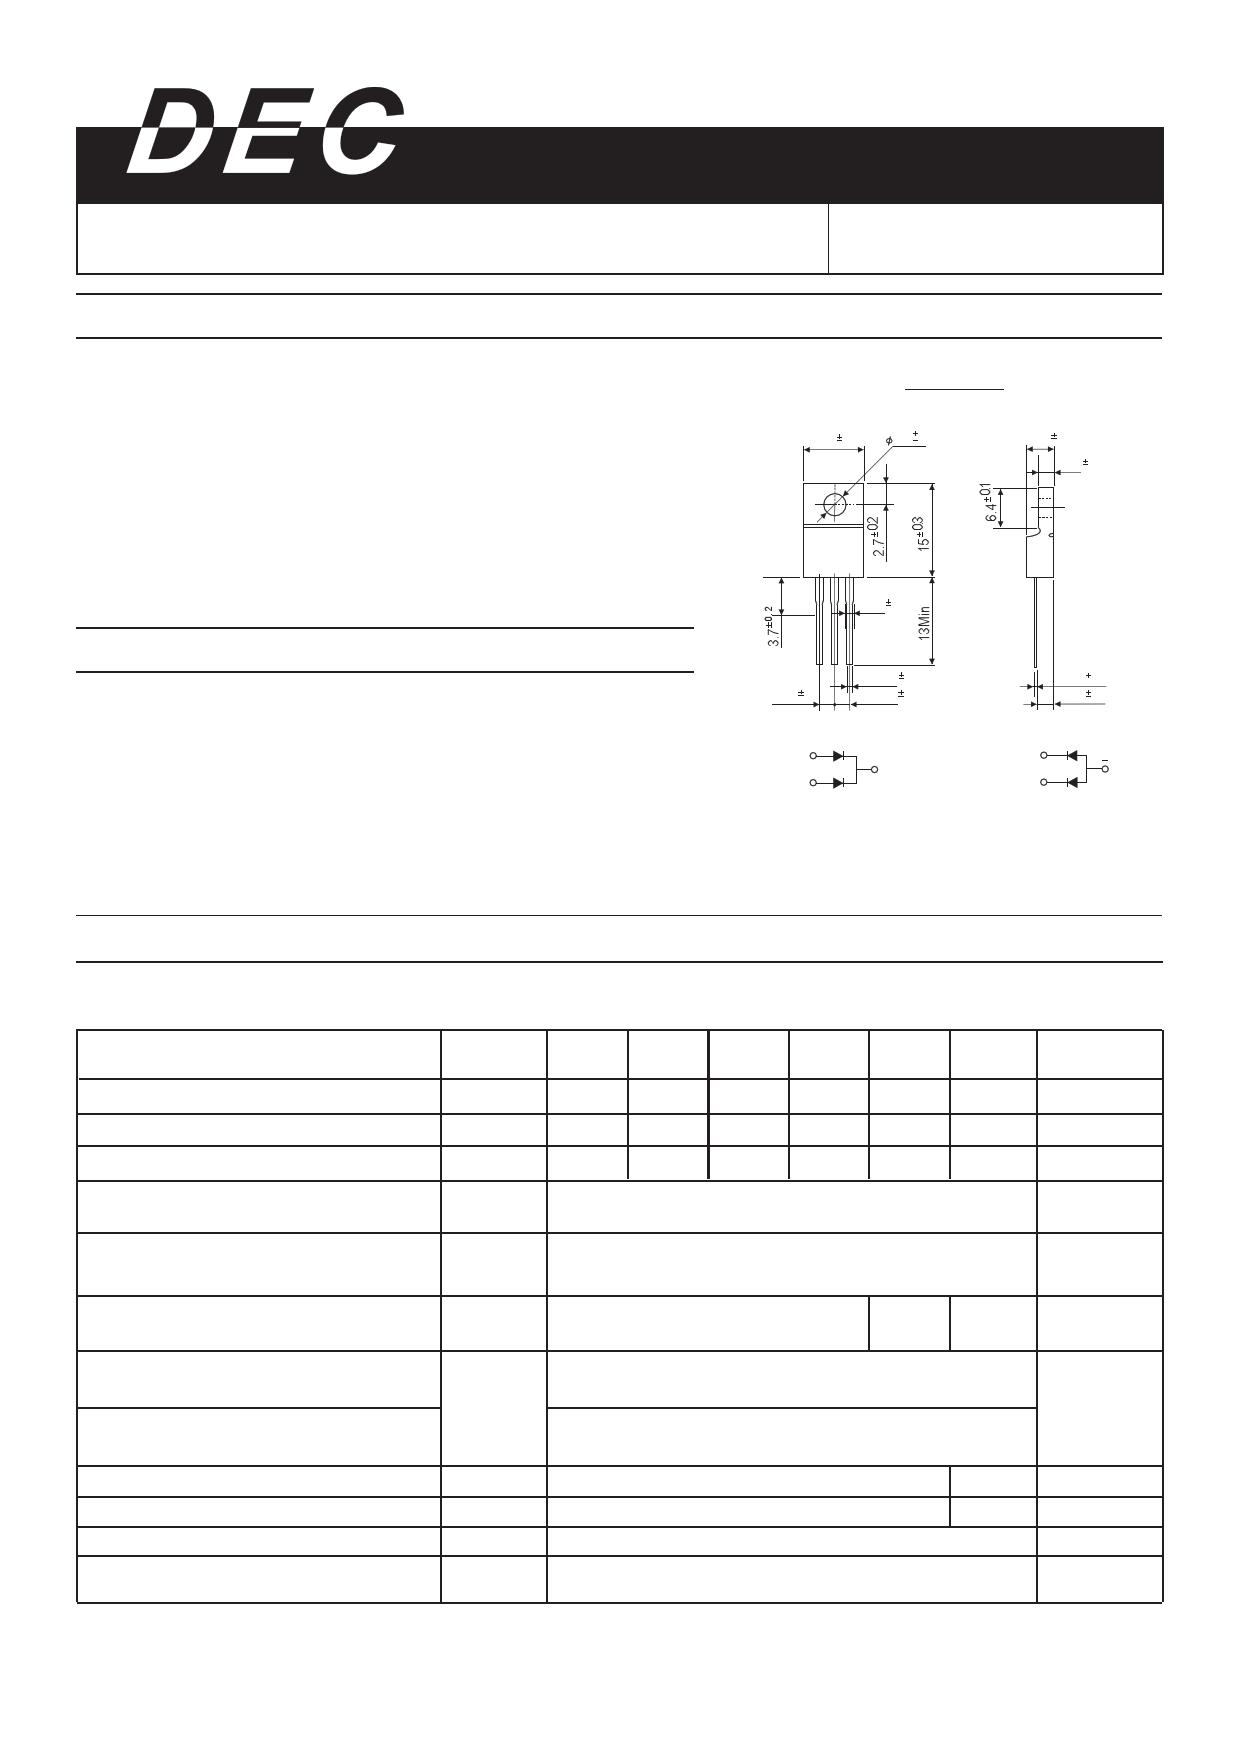 UFR1610 데이터시트 및 UFR1610 PDF